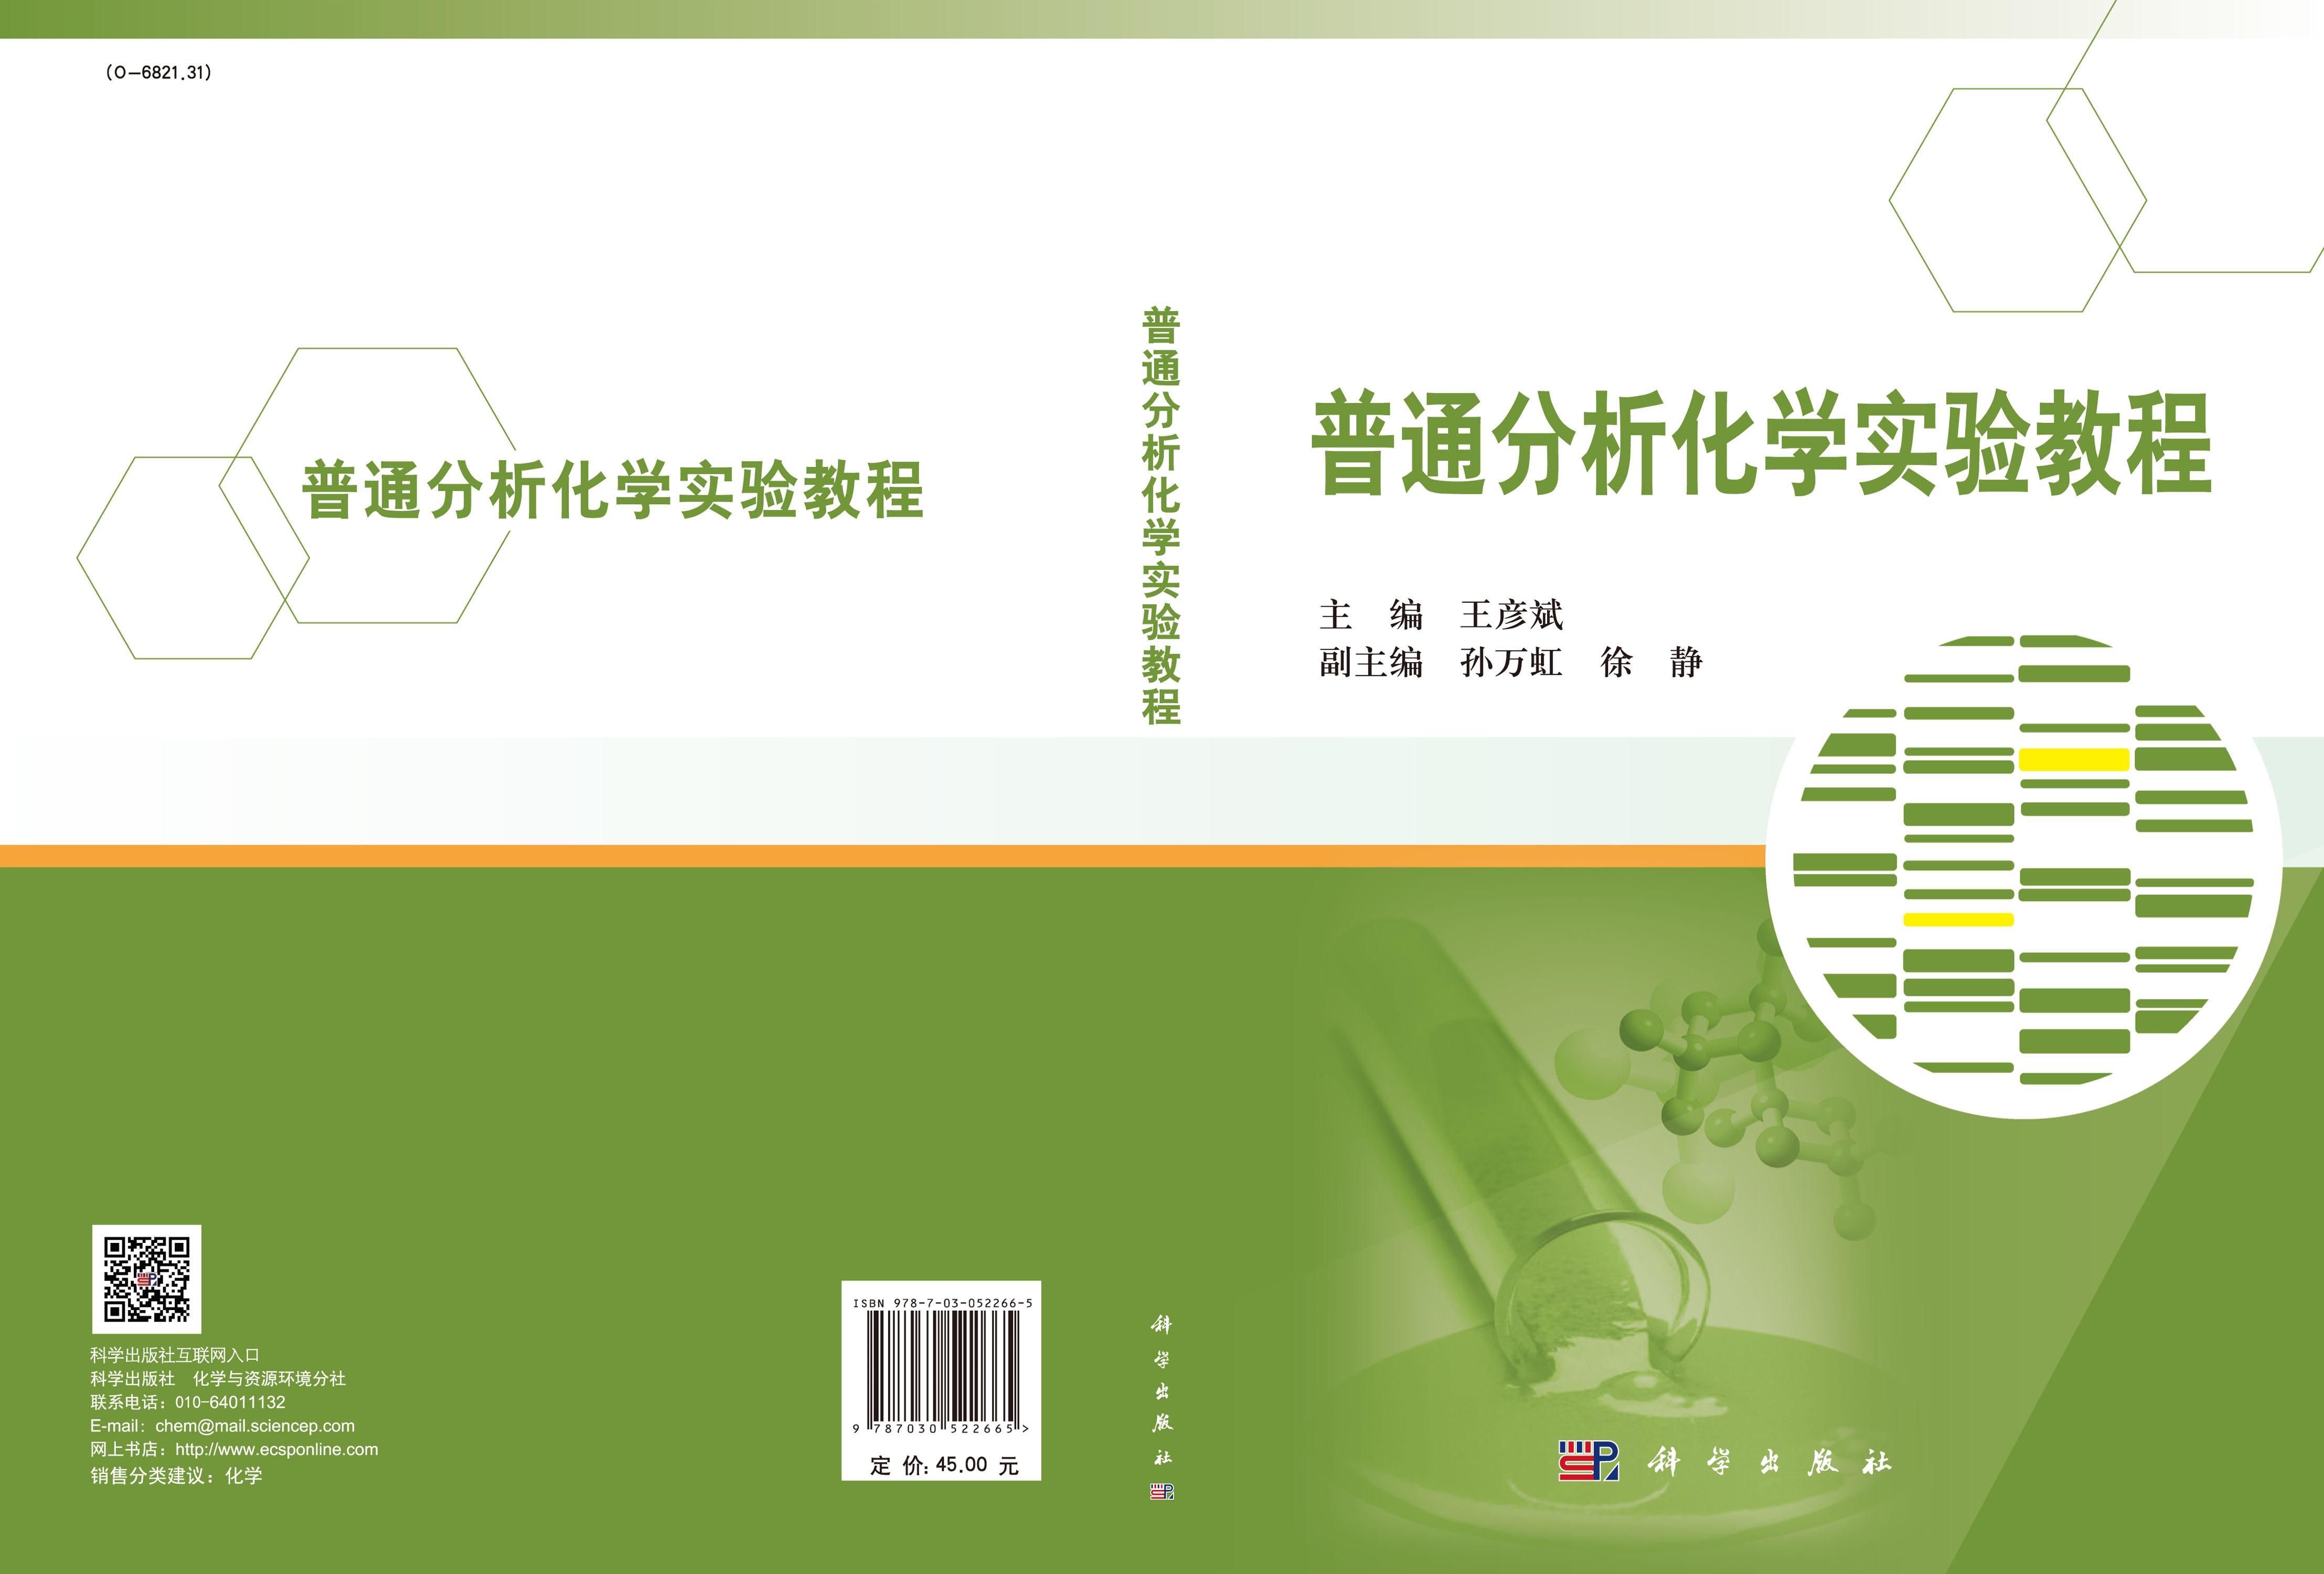 分析化学实验指导_普通分析化学实验教程_0703 化学_理学_本科教材_科学商城